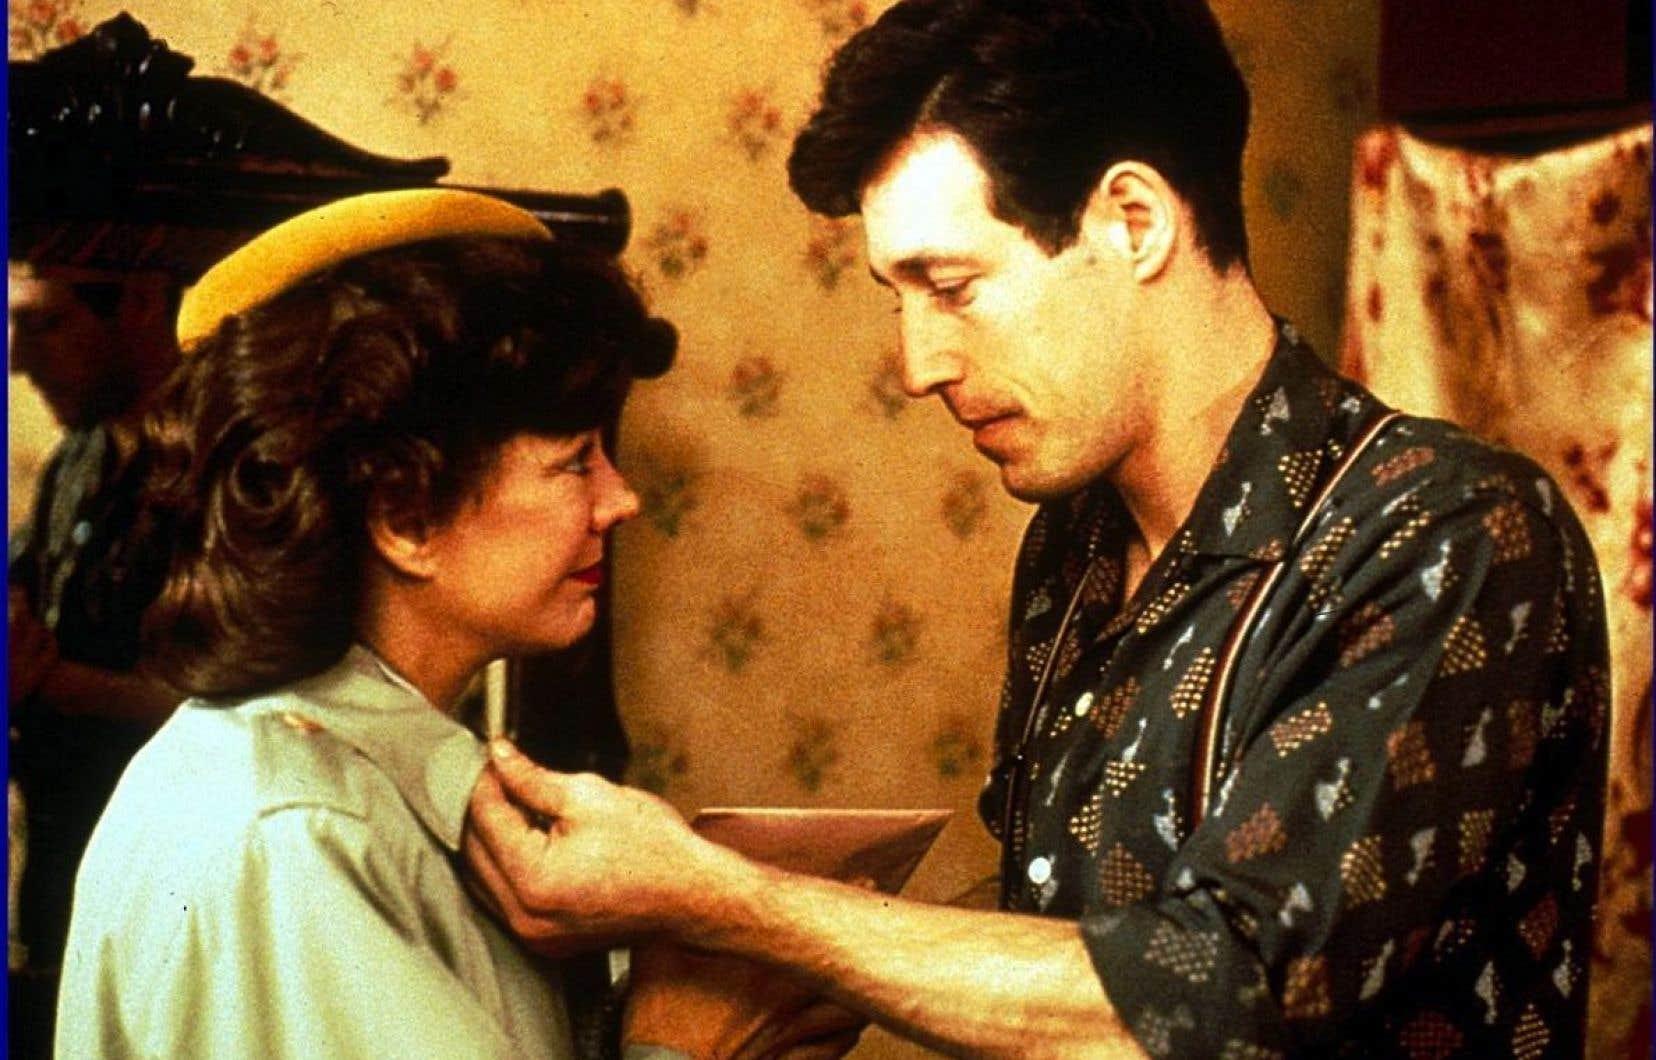 <p>C'est Denis Héroux qui, avec son épouse Justine, sera derrière la plus grande production québécoise de l'époque, <em>Les Plouffe</em> (1981).</p>